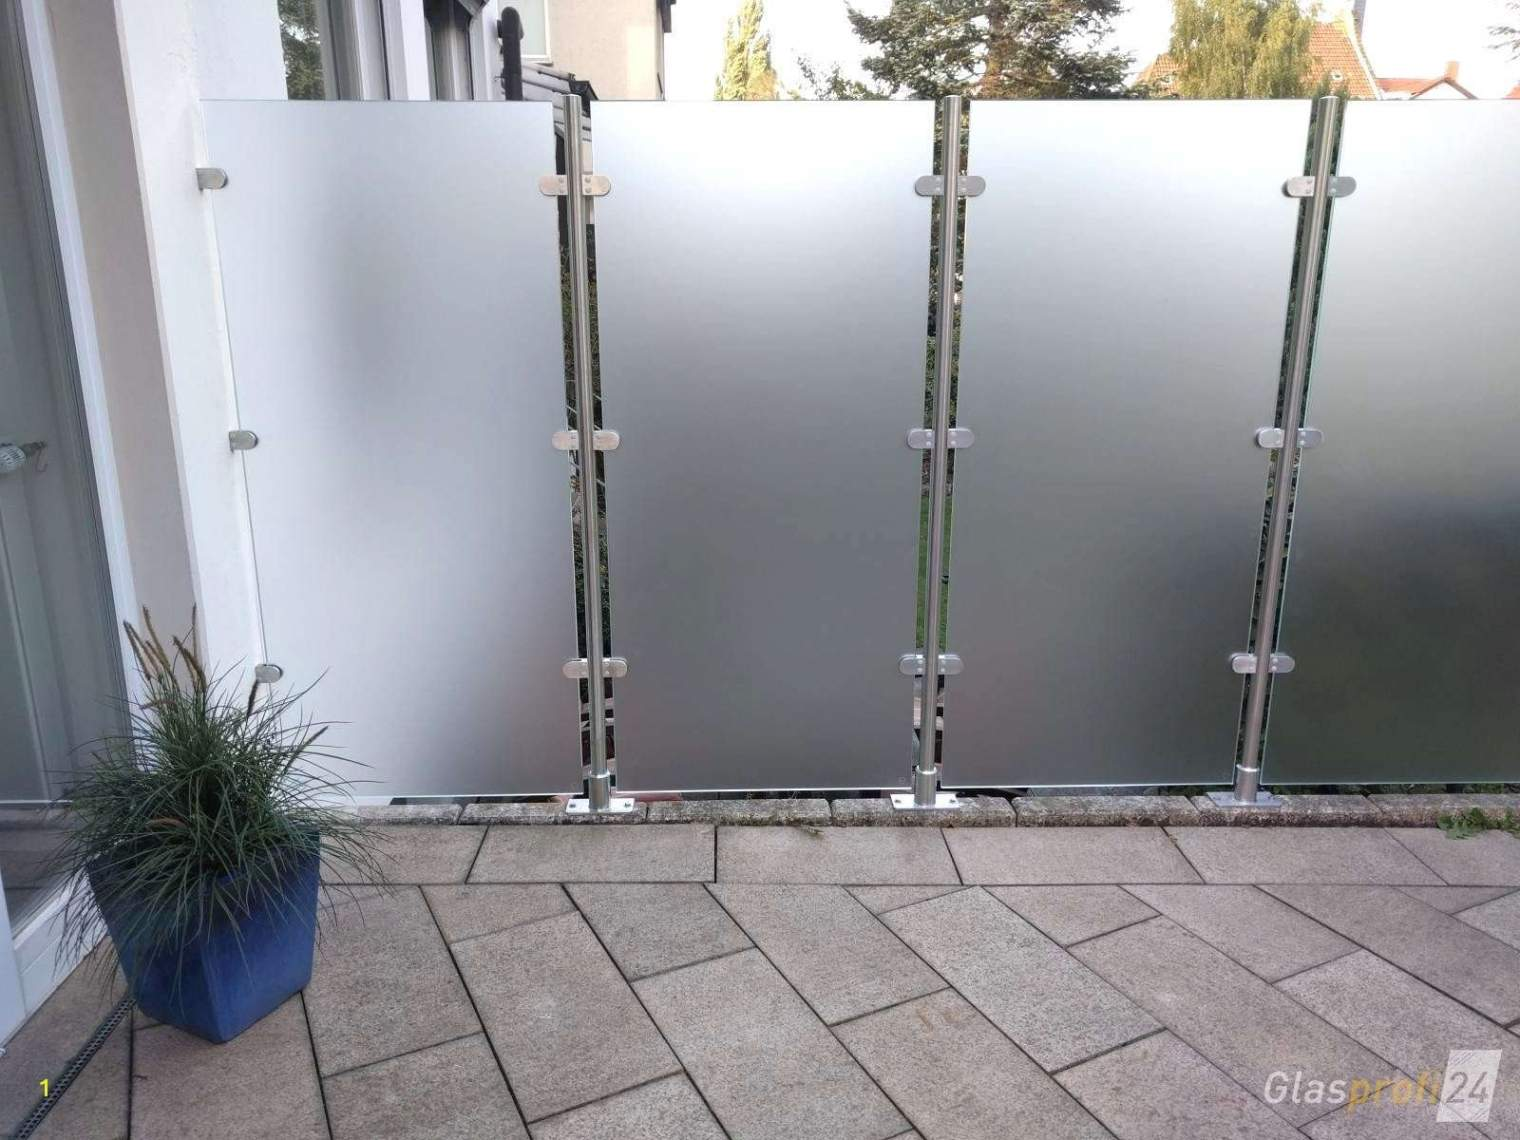 42 luxus holzzaun grau foto terrasse blickdicht machen terrasse blickdicht machen